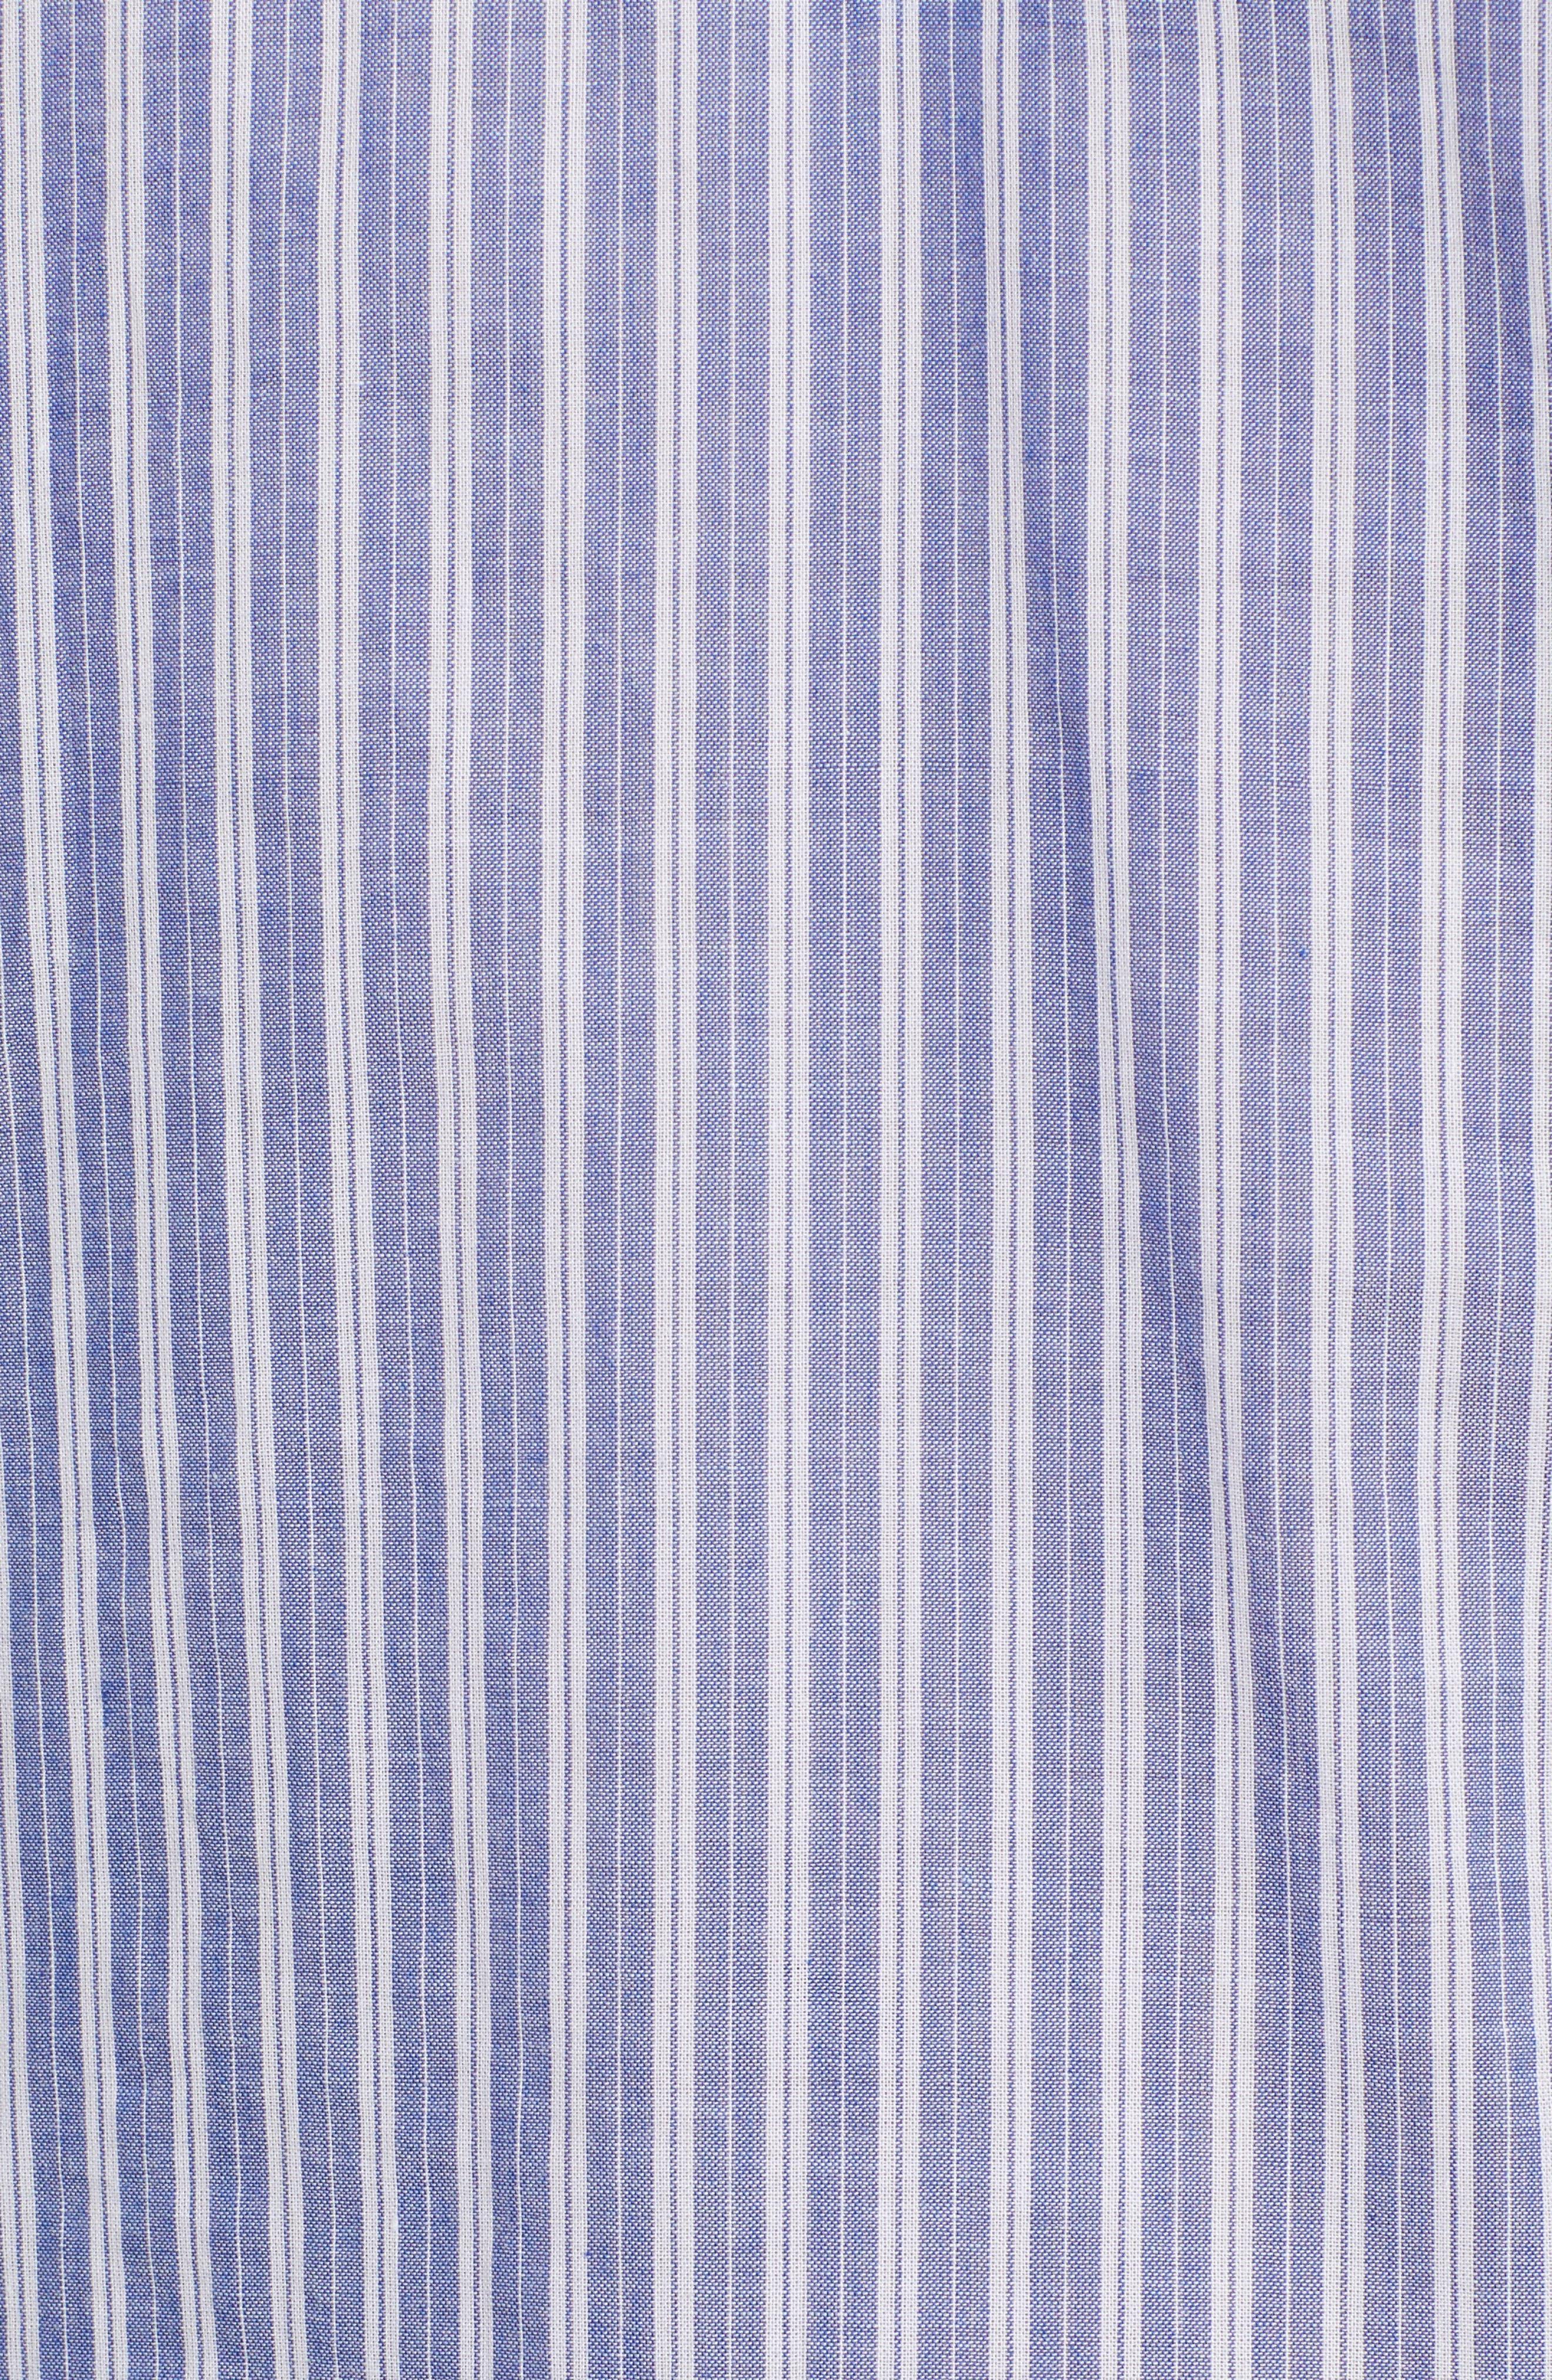 Removable Neckerchief Pinstripe Cotton Blouse,                             Alternate thumbnail 6, color,                             464